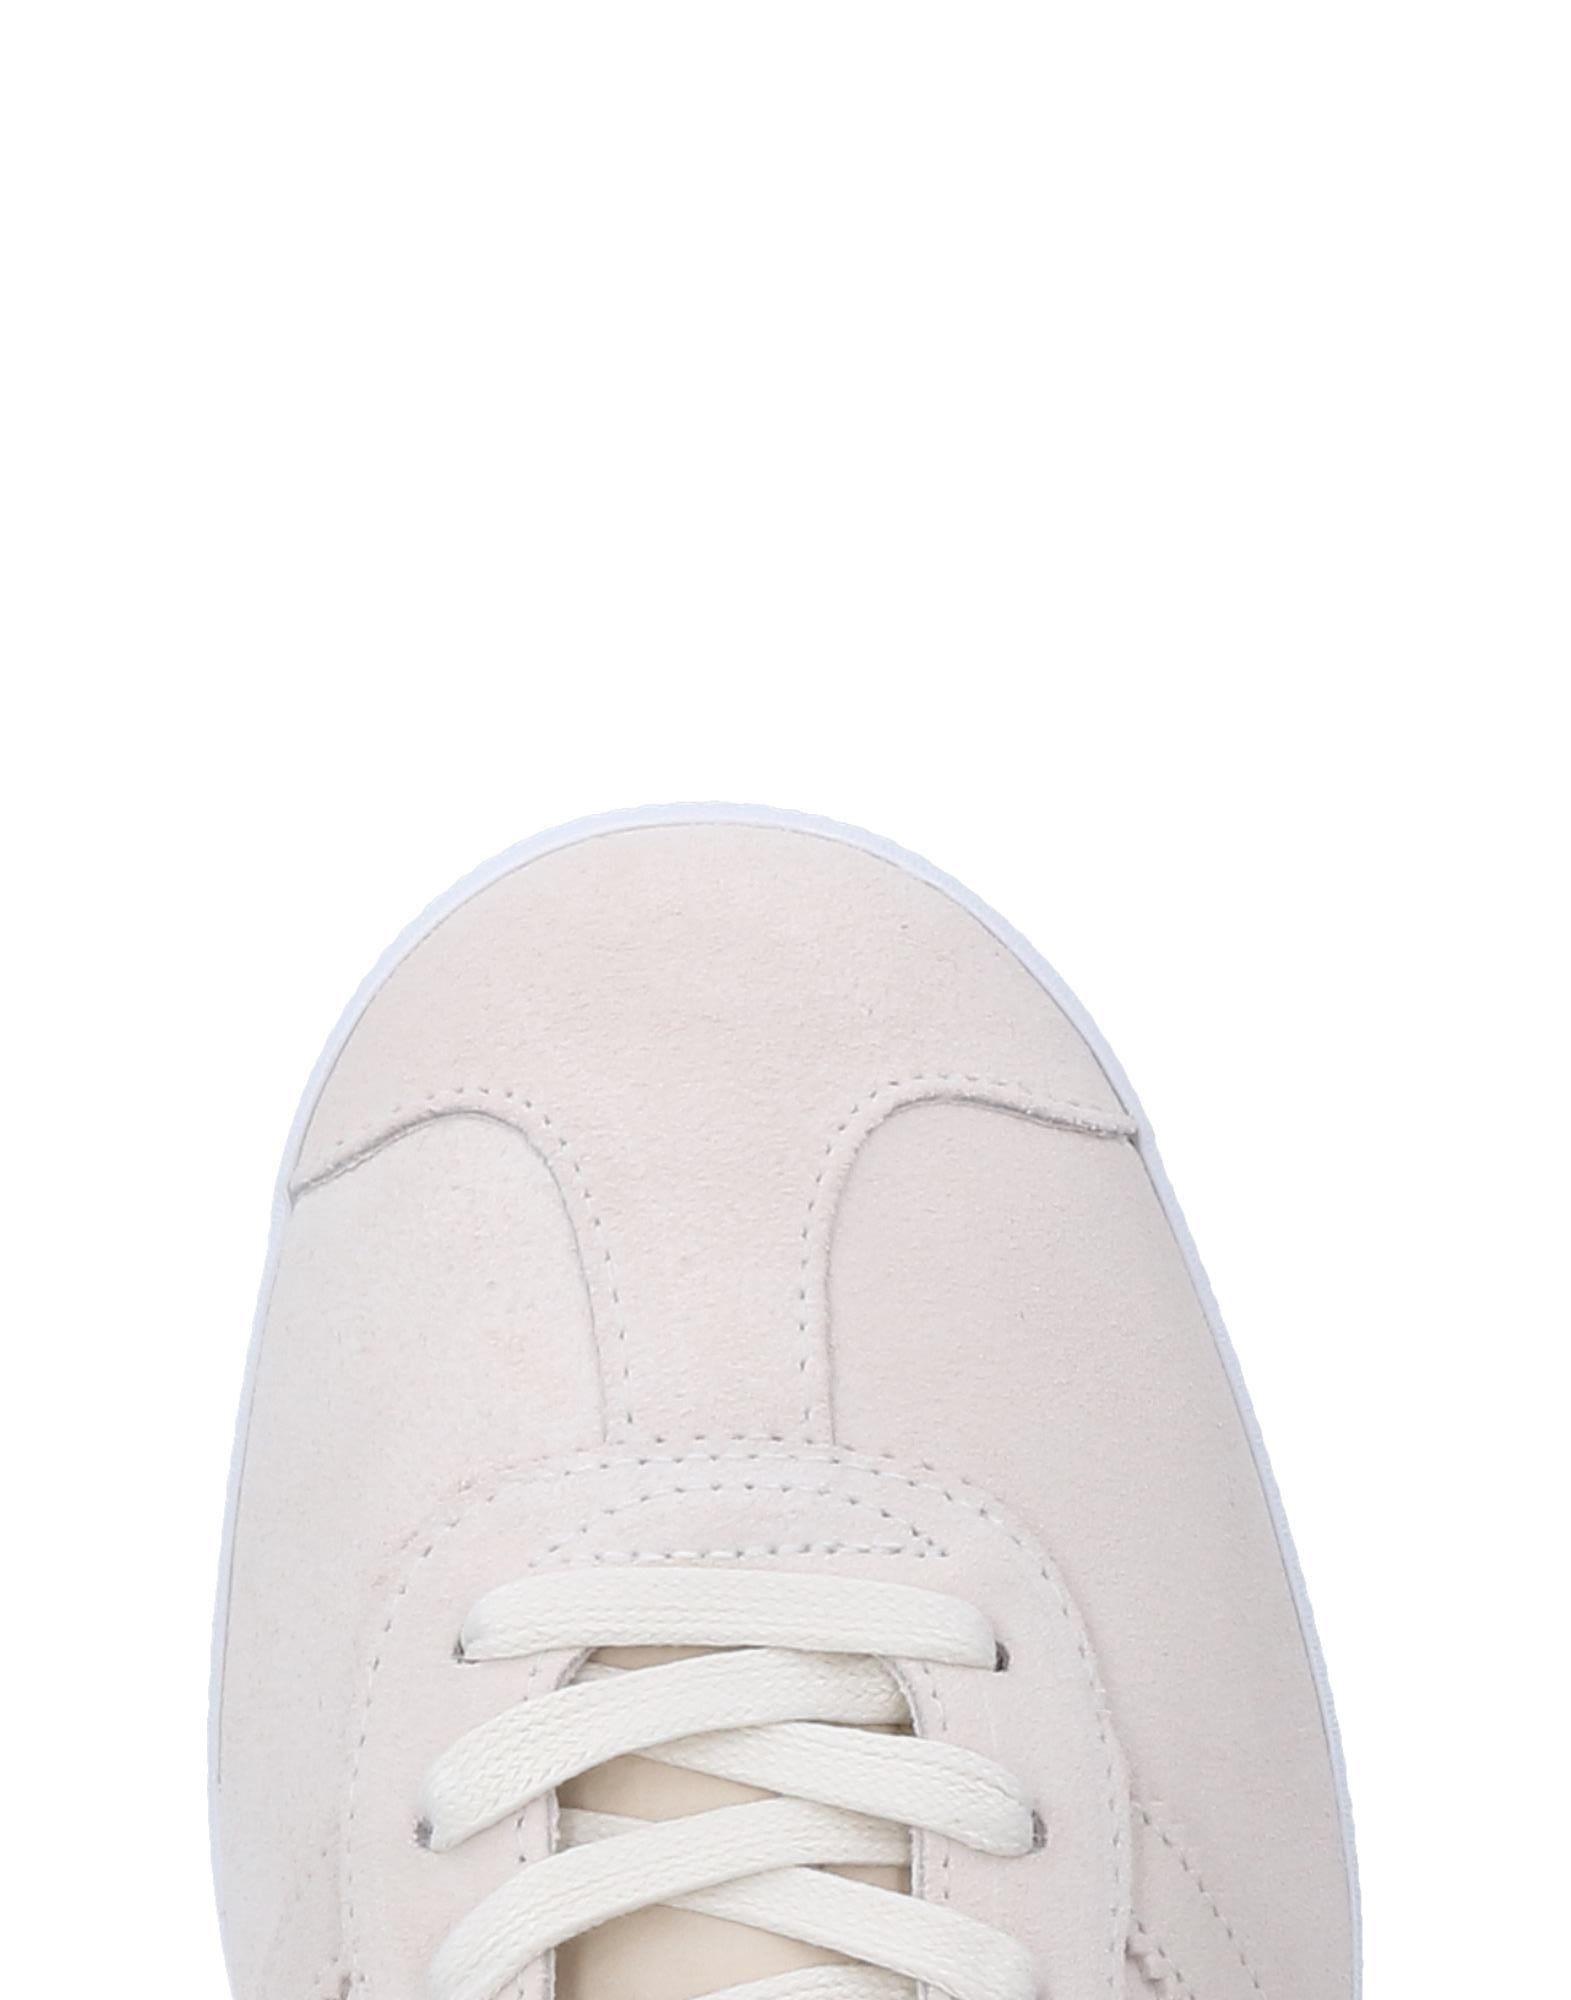 Adidas Adidas Adidas Originals Sneakers Herren Gutes Preis-Leistungs-Verhältnis, es lohnt sich 30a07b